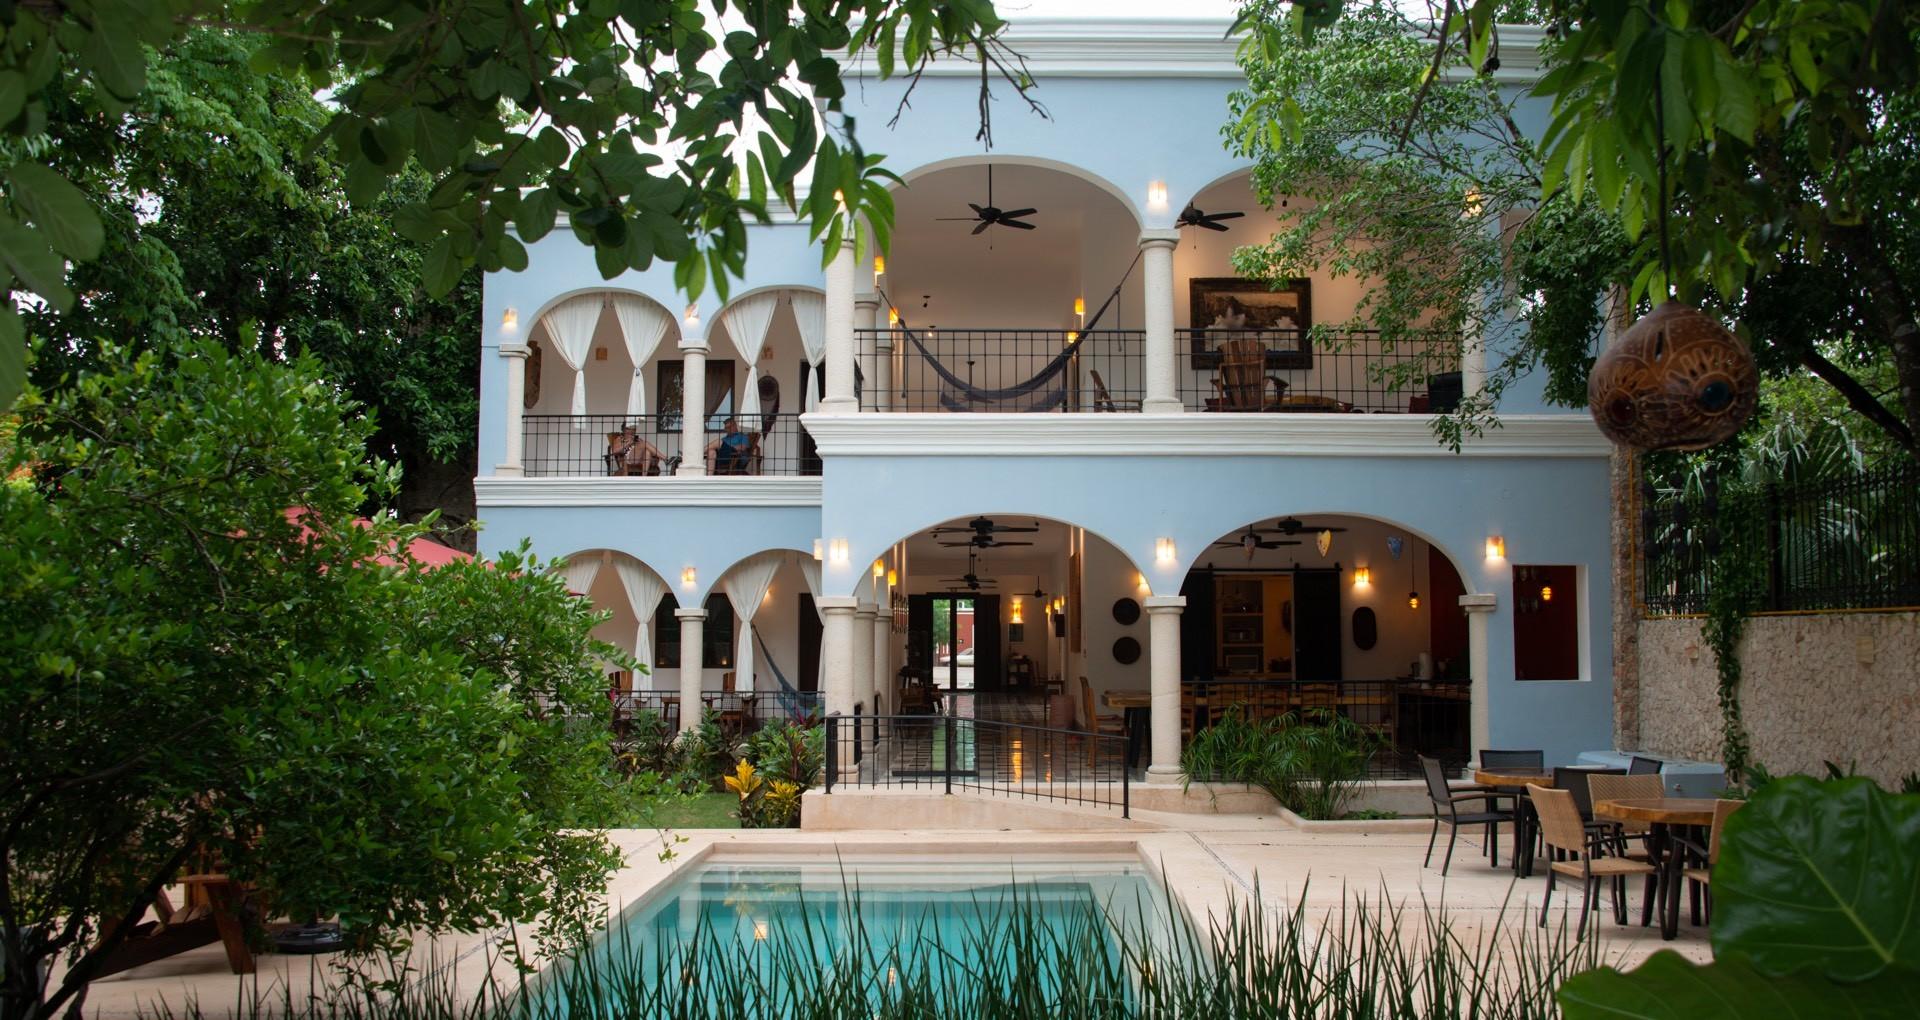 Hotel Posada San Juan: Una cautivadora estancia en Valladolid, Yucatán